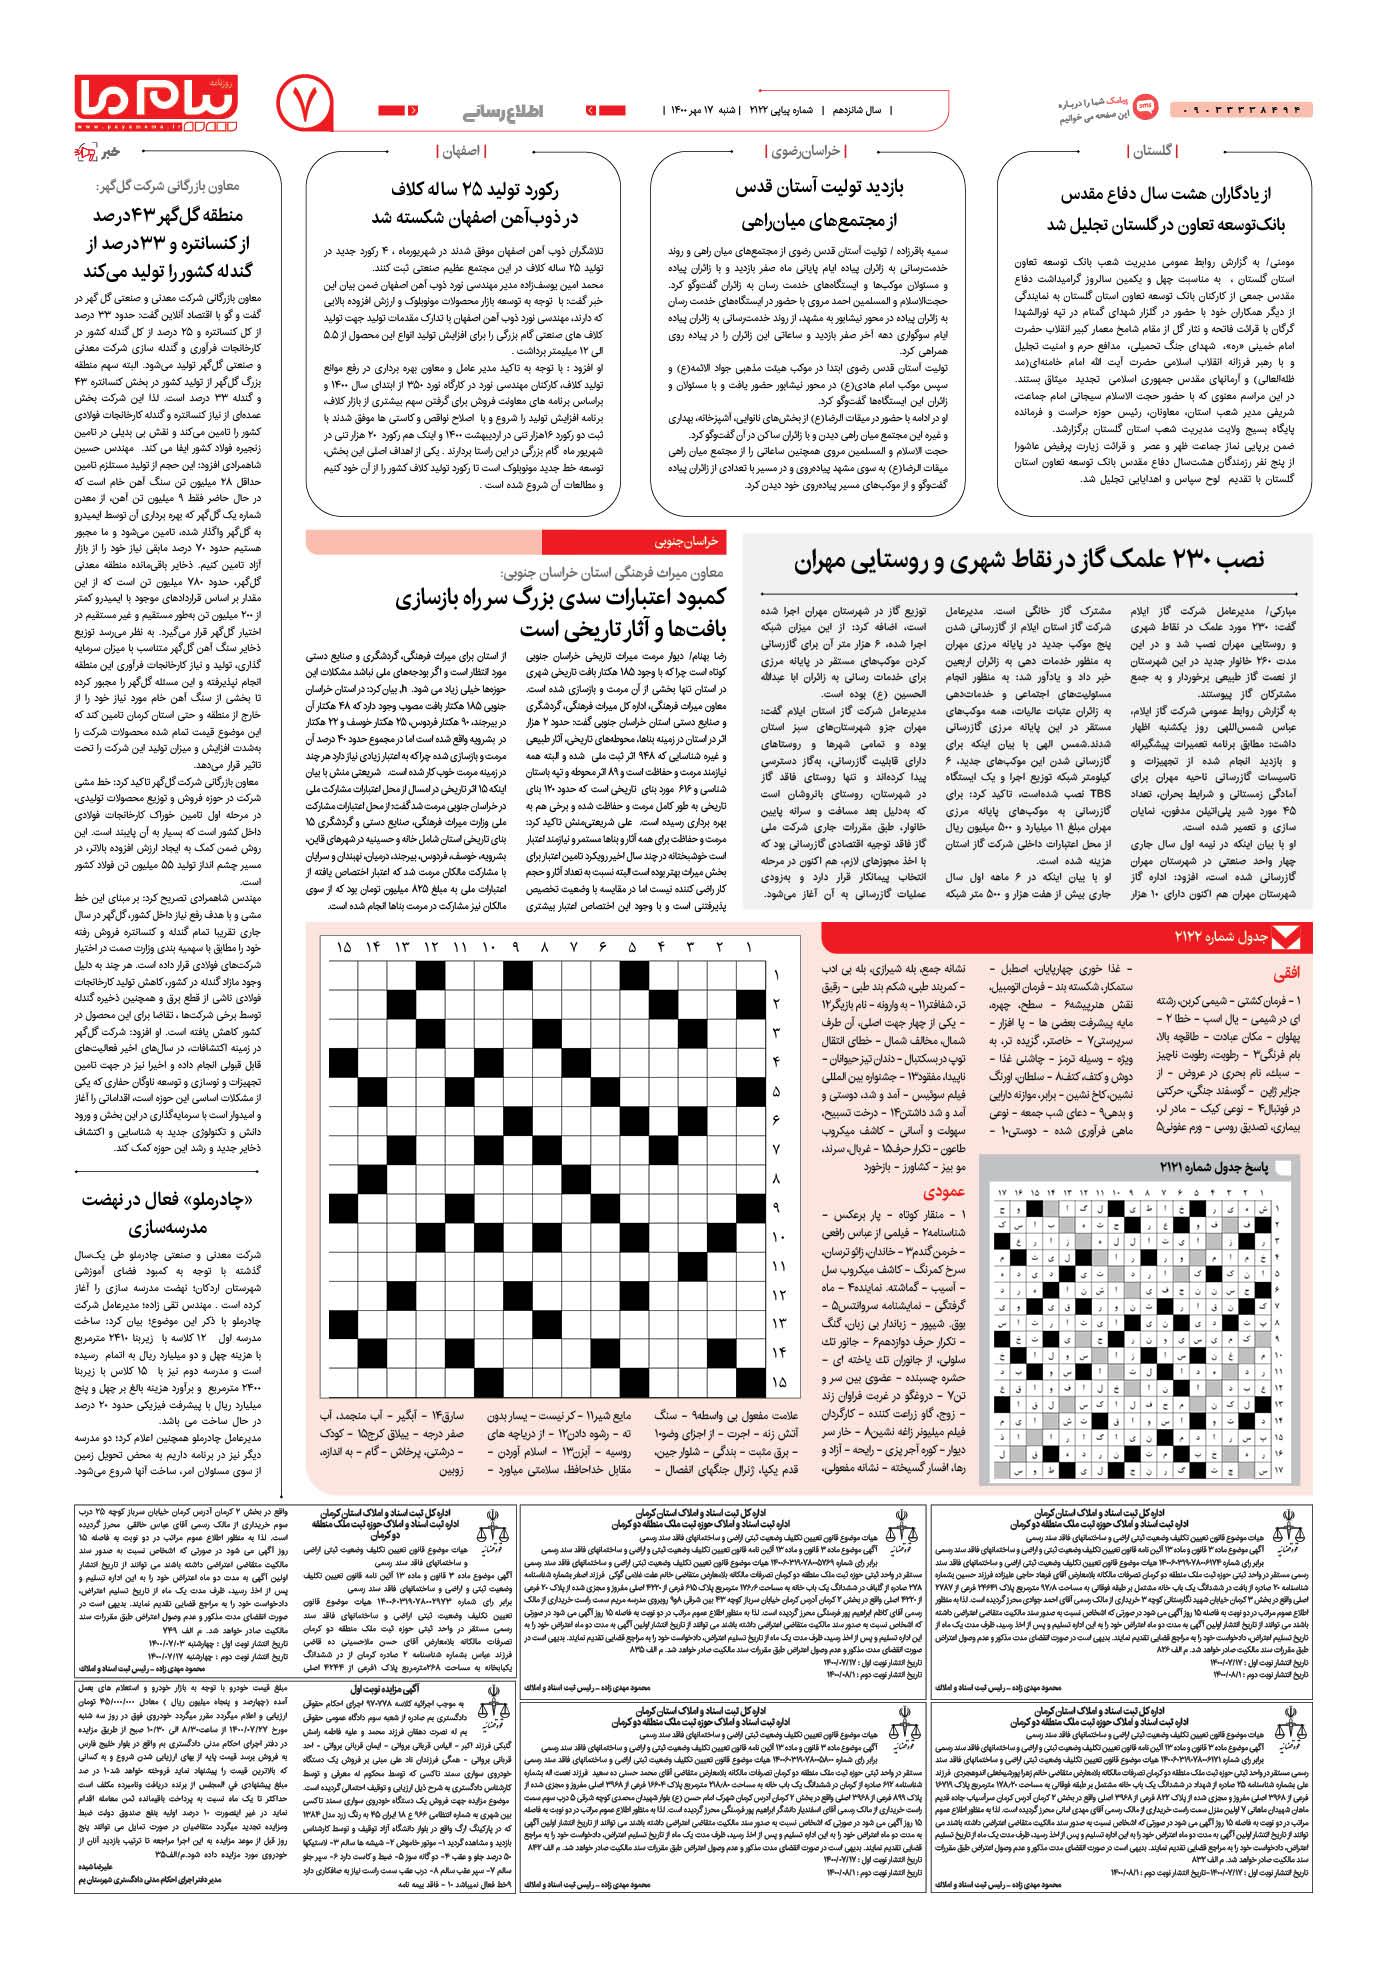 صفحه اطلاع رسانی شماره 2122 روزنامه پیام ما